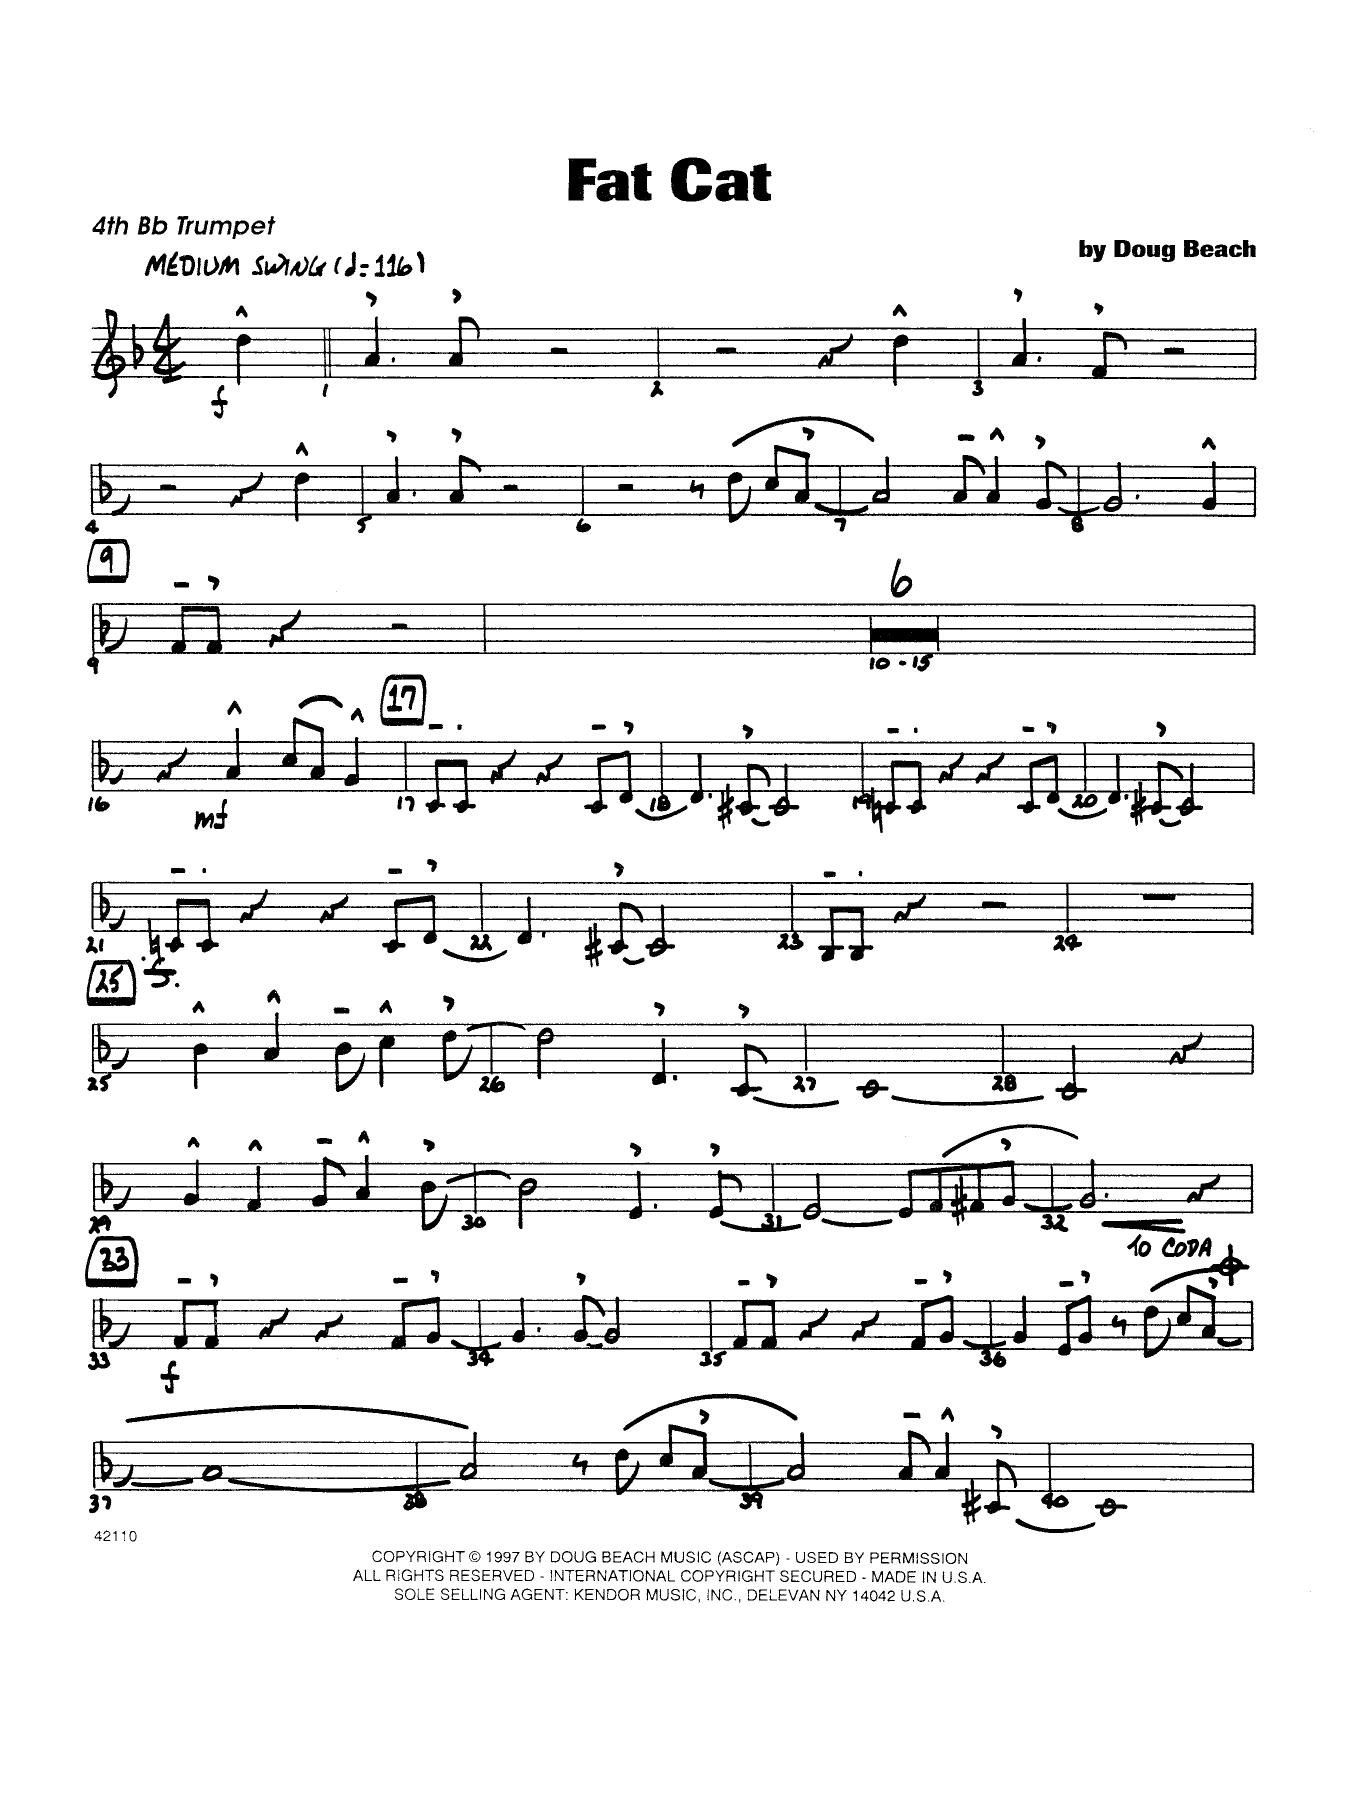 Fat Cat - Trumpet 4 Sheet Music